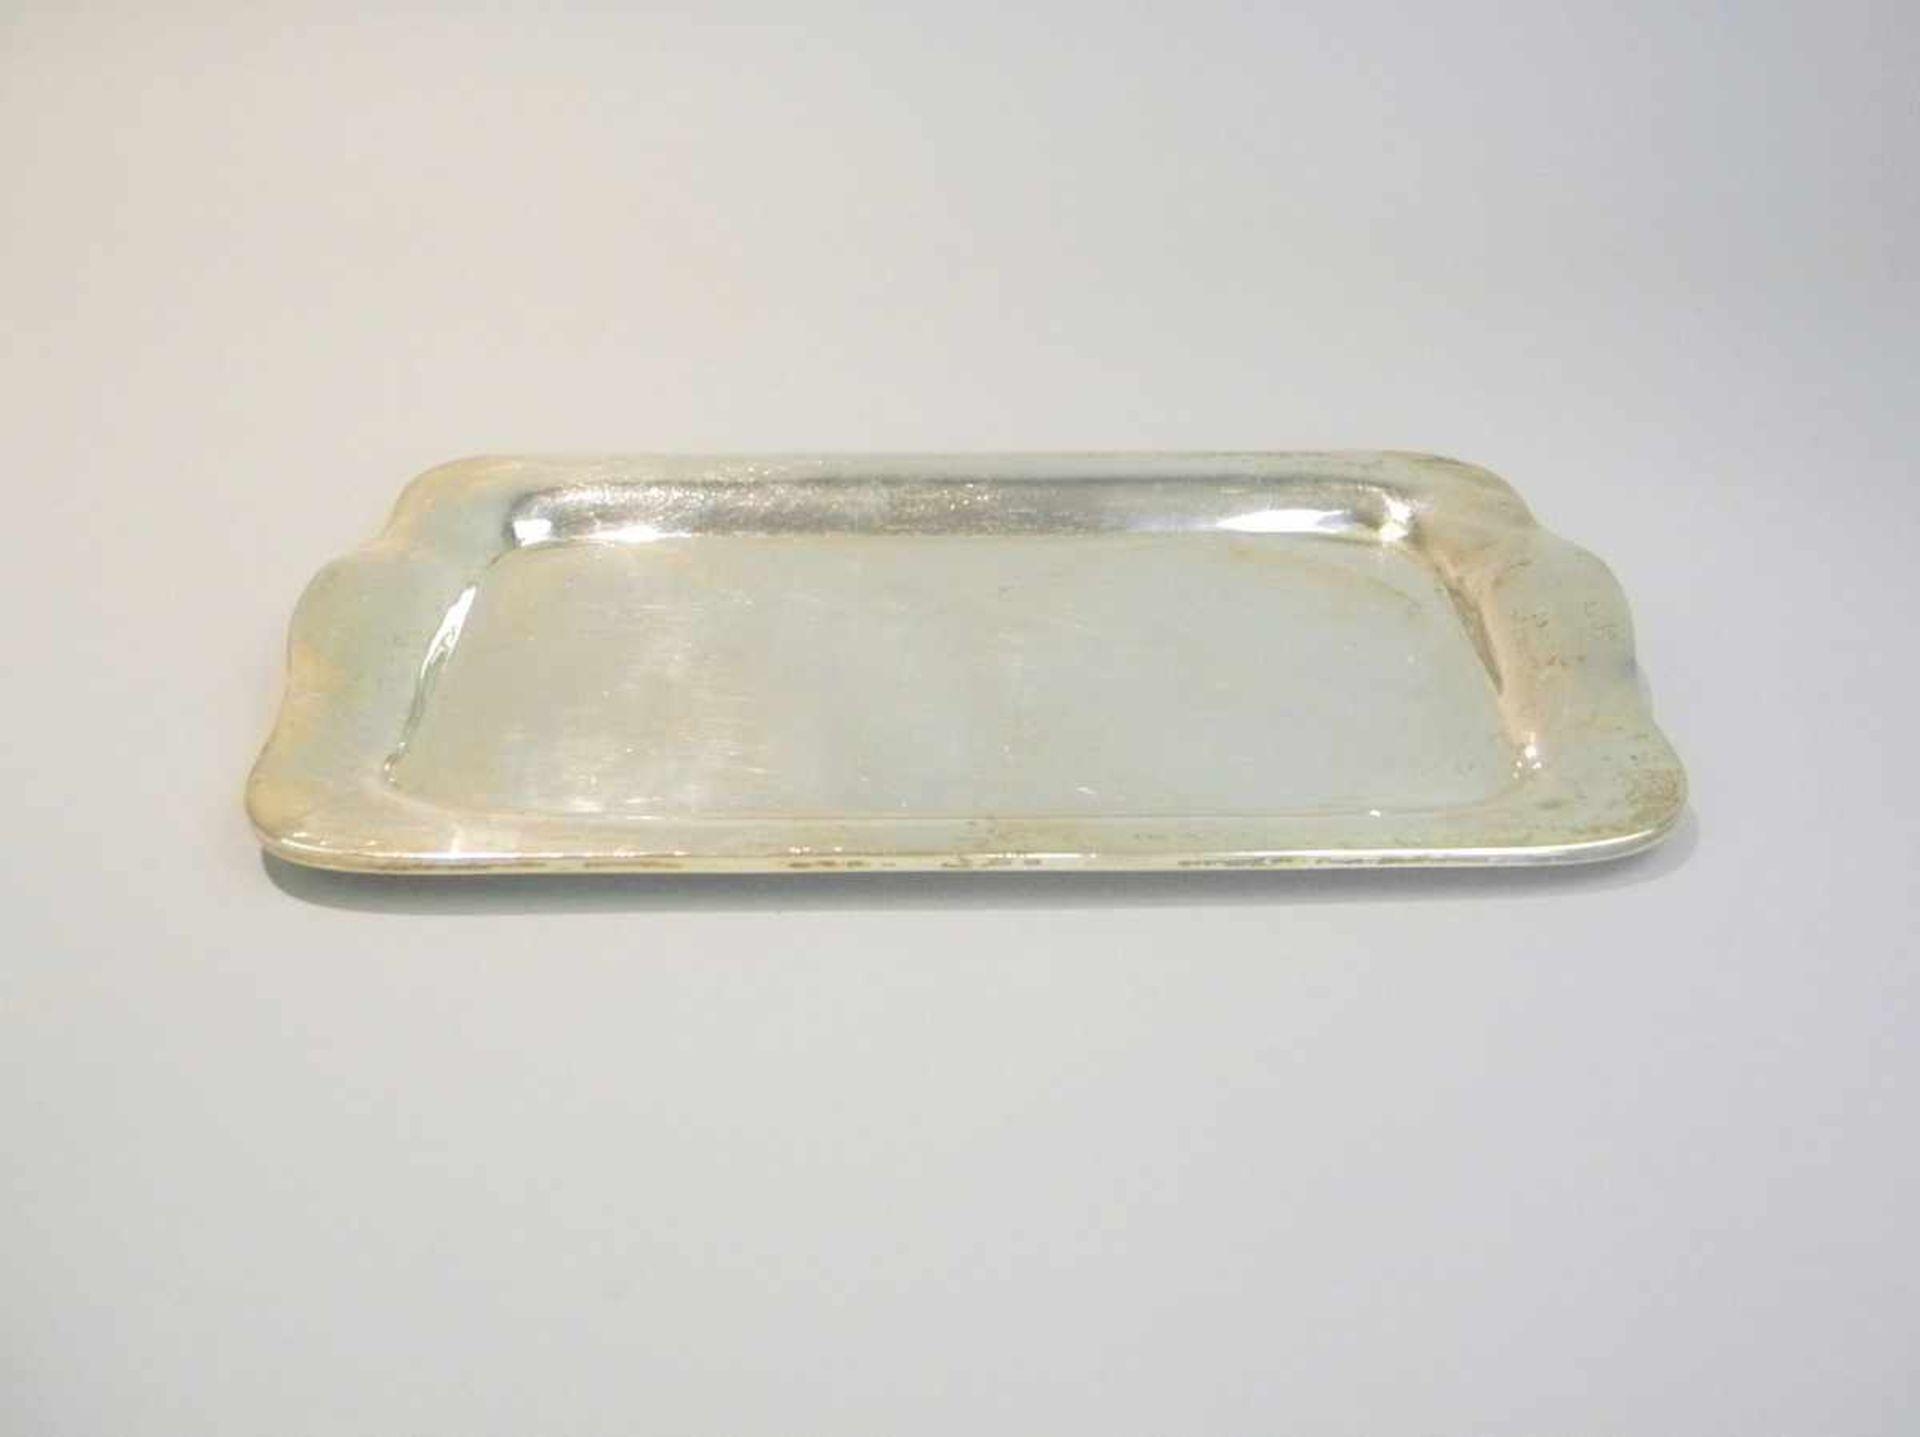 Los 47 - Kleines Silber-TablettSterling Silber 925, am Boden mit Feingehalt, mexikanischer Stadtmarke und